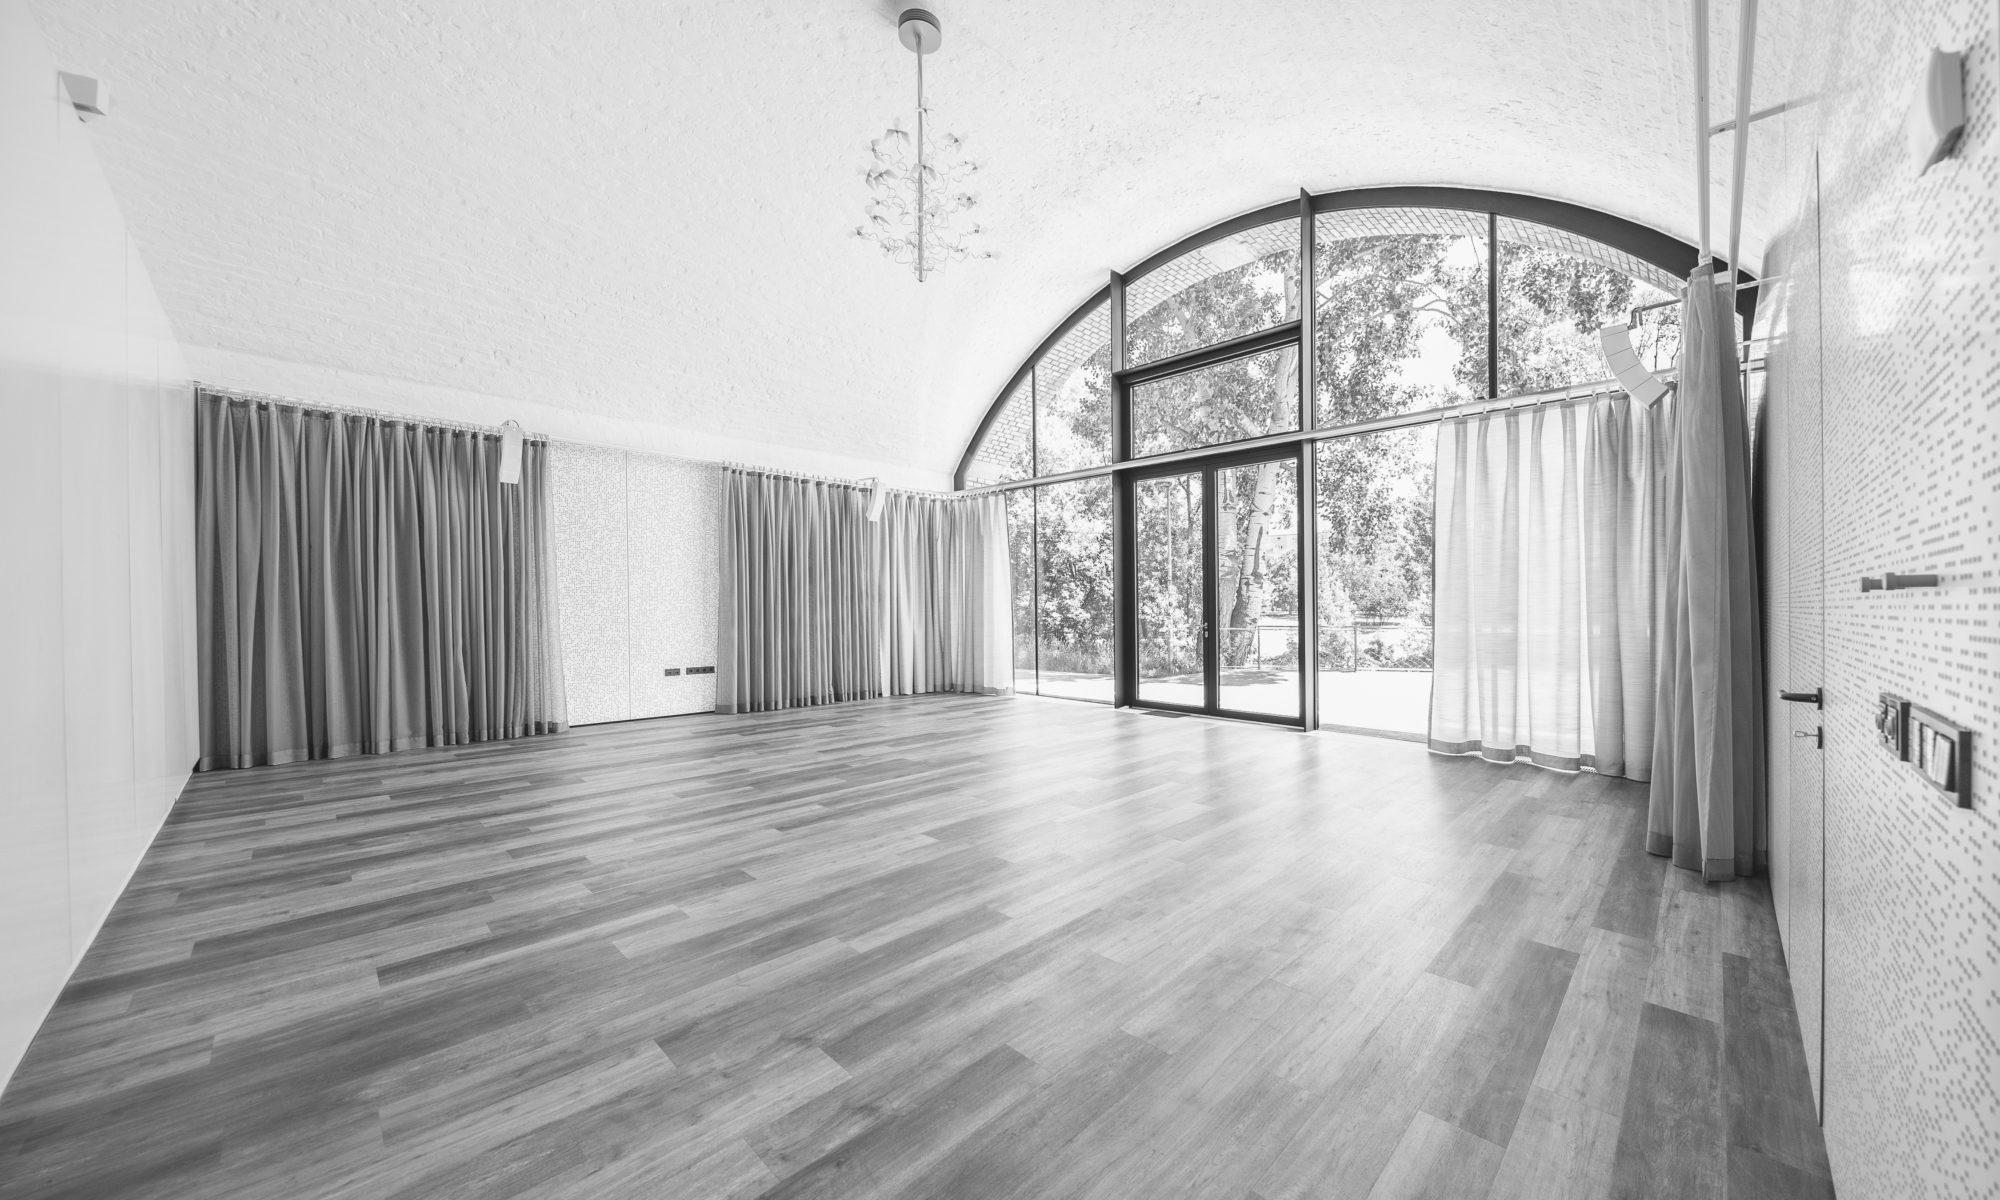 Tanzbogen 1, leerer Tanzbogen mit kunstvoller Lampe und Vorhängen